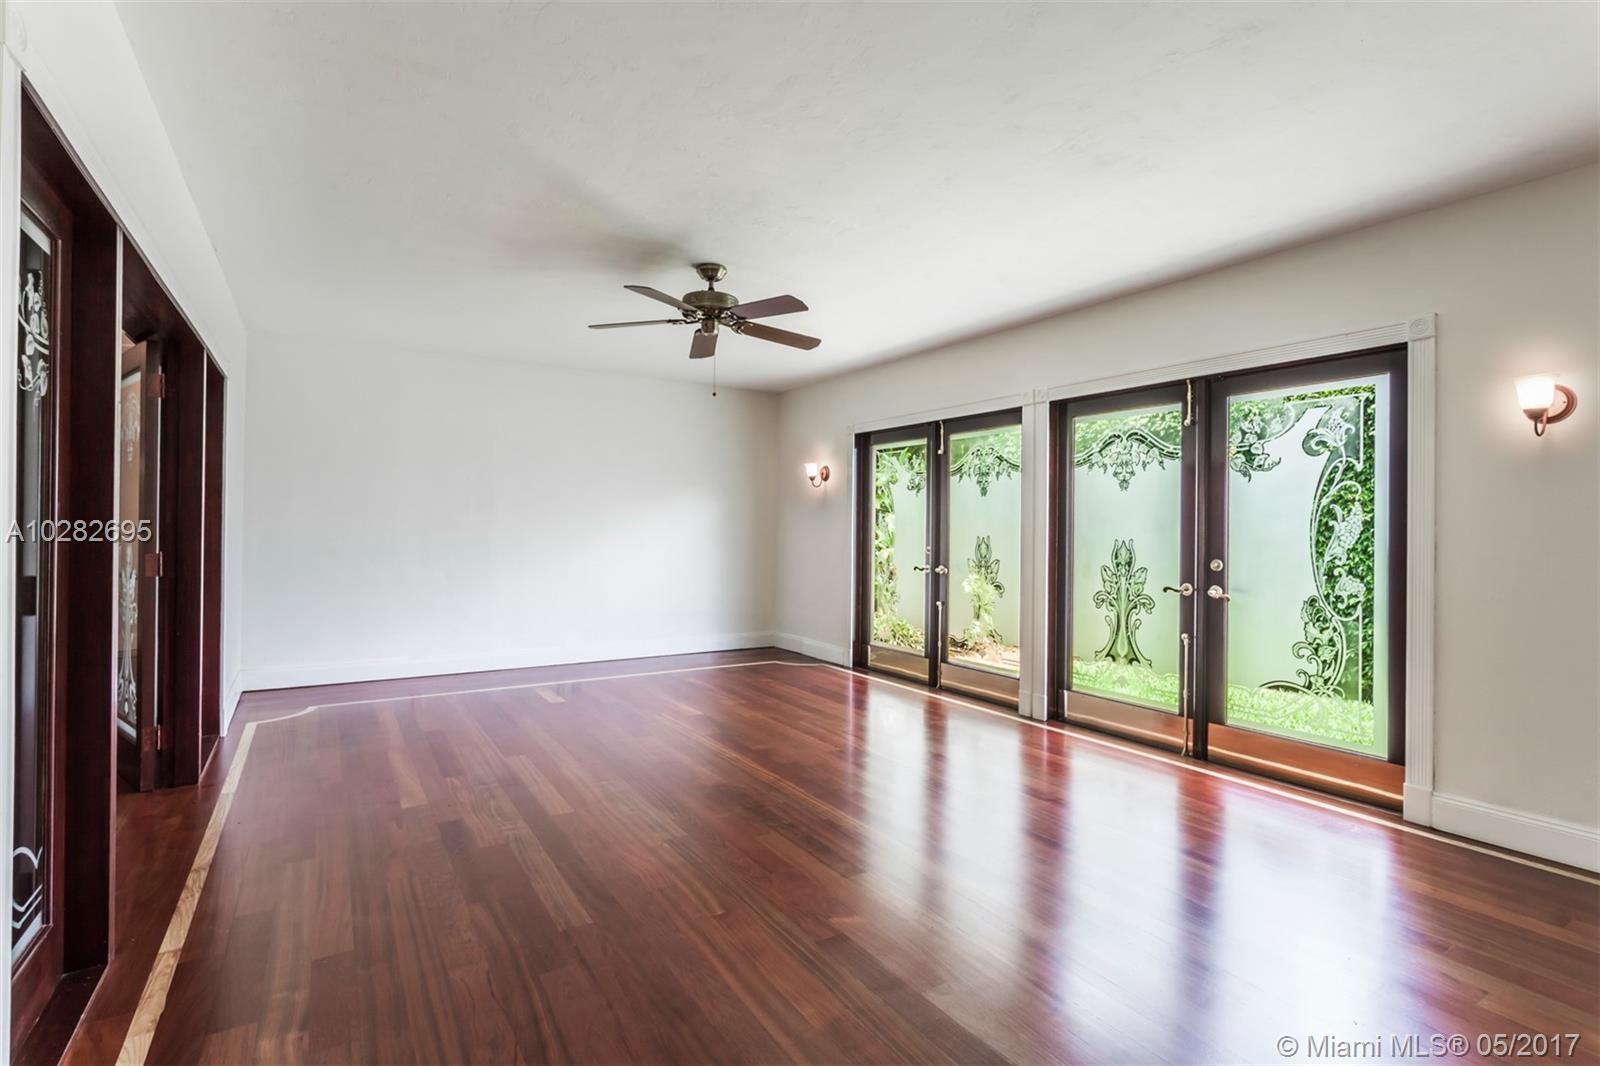 741 Calatrava Ave, Coral Gables FL, 33143